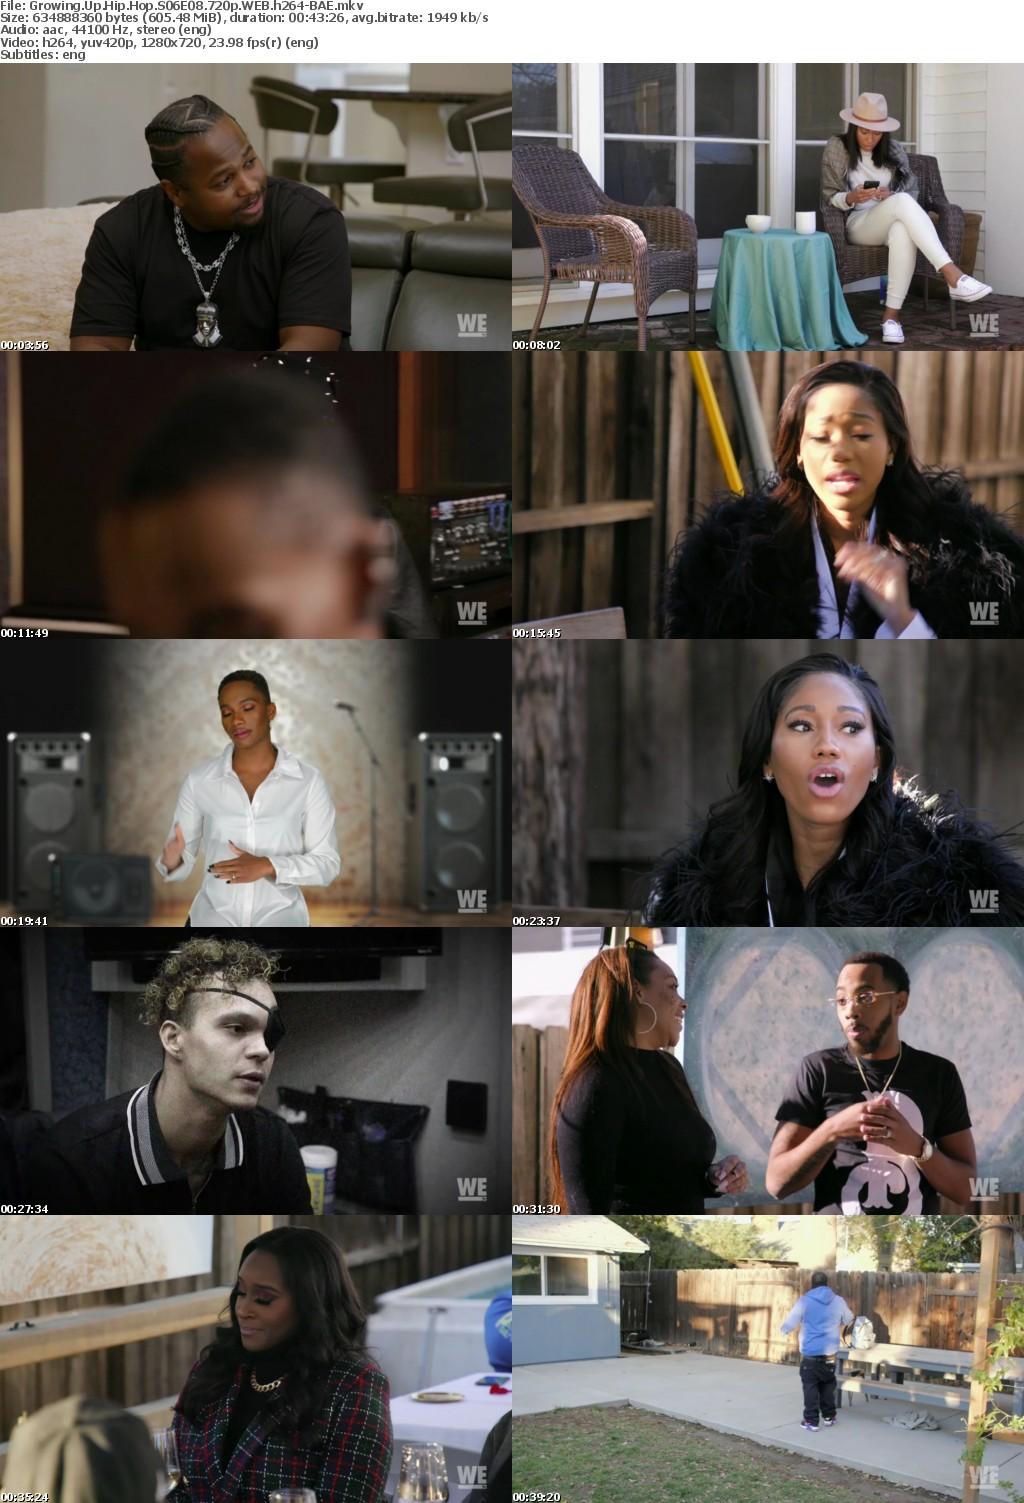 Growing Up Hip Hop S06E08 720p WEB h264-BAE